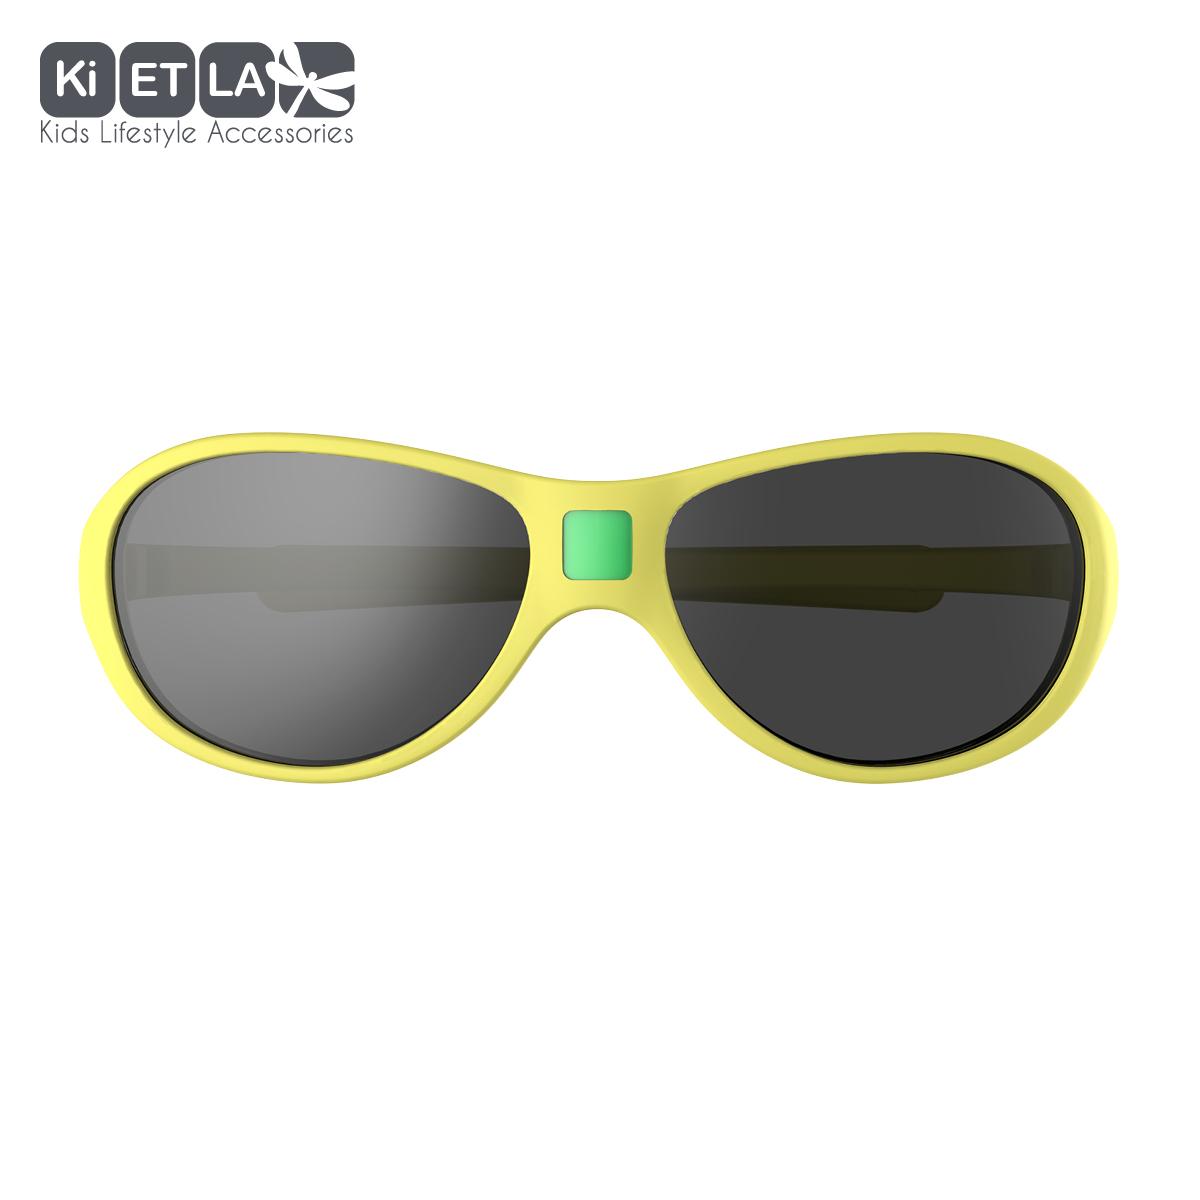 82feddc6096b87 Ki Et La - UV-zonnebril voor baby s   peuters - Jokaki - Geel ...